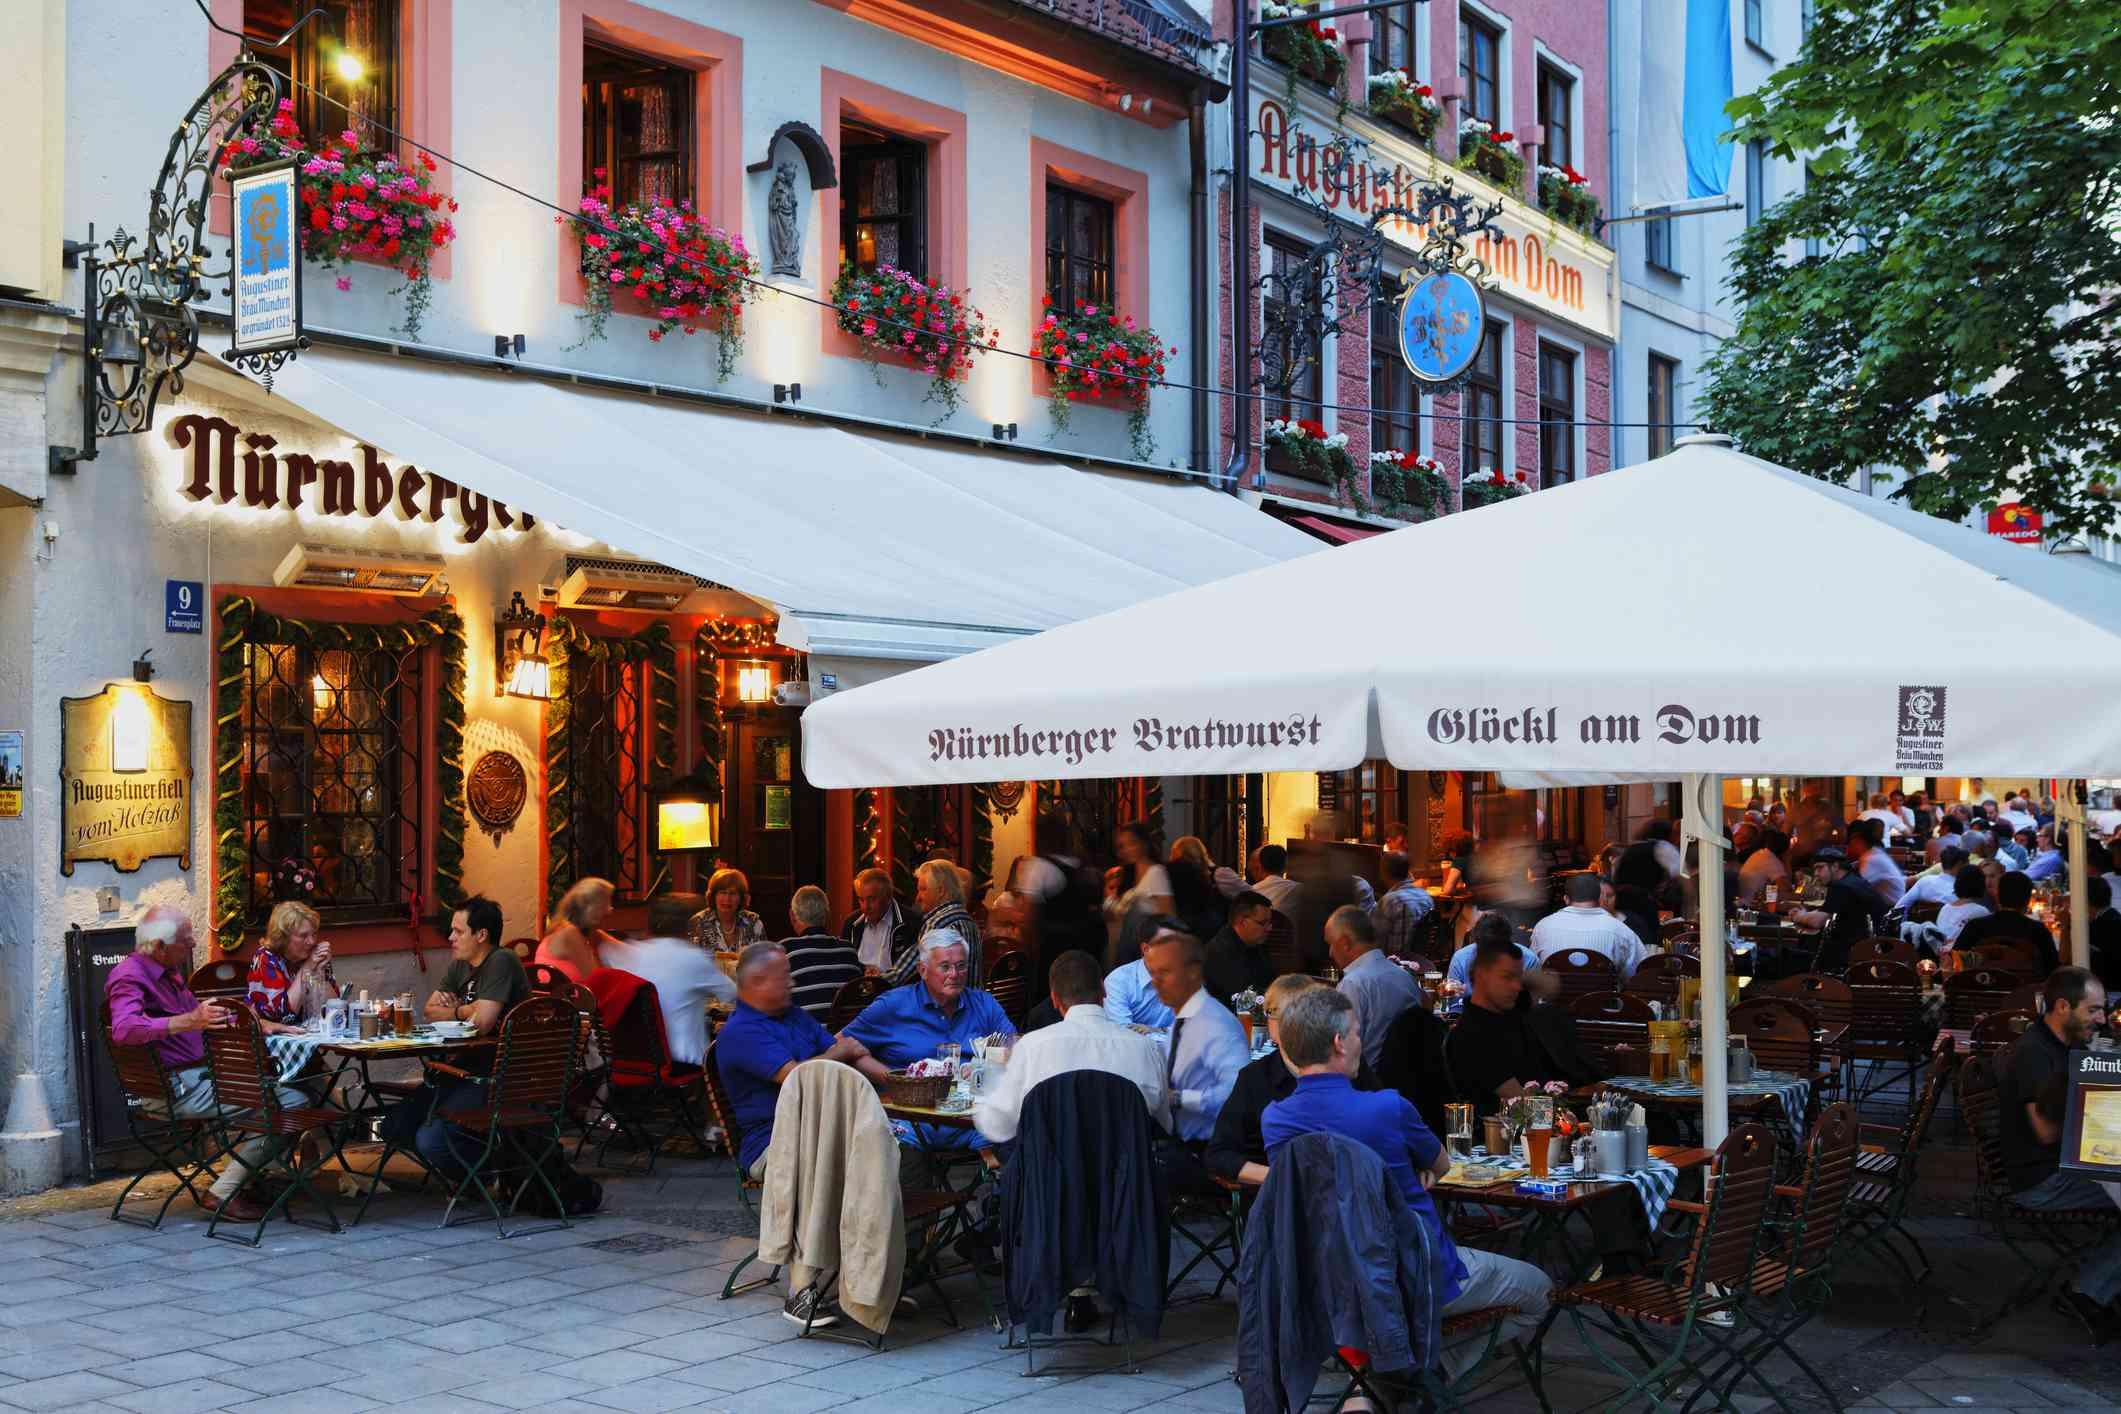 Bratwurst-Glöckl am Dom in Munich